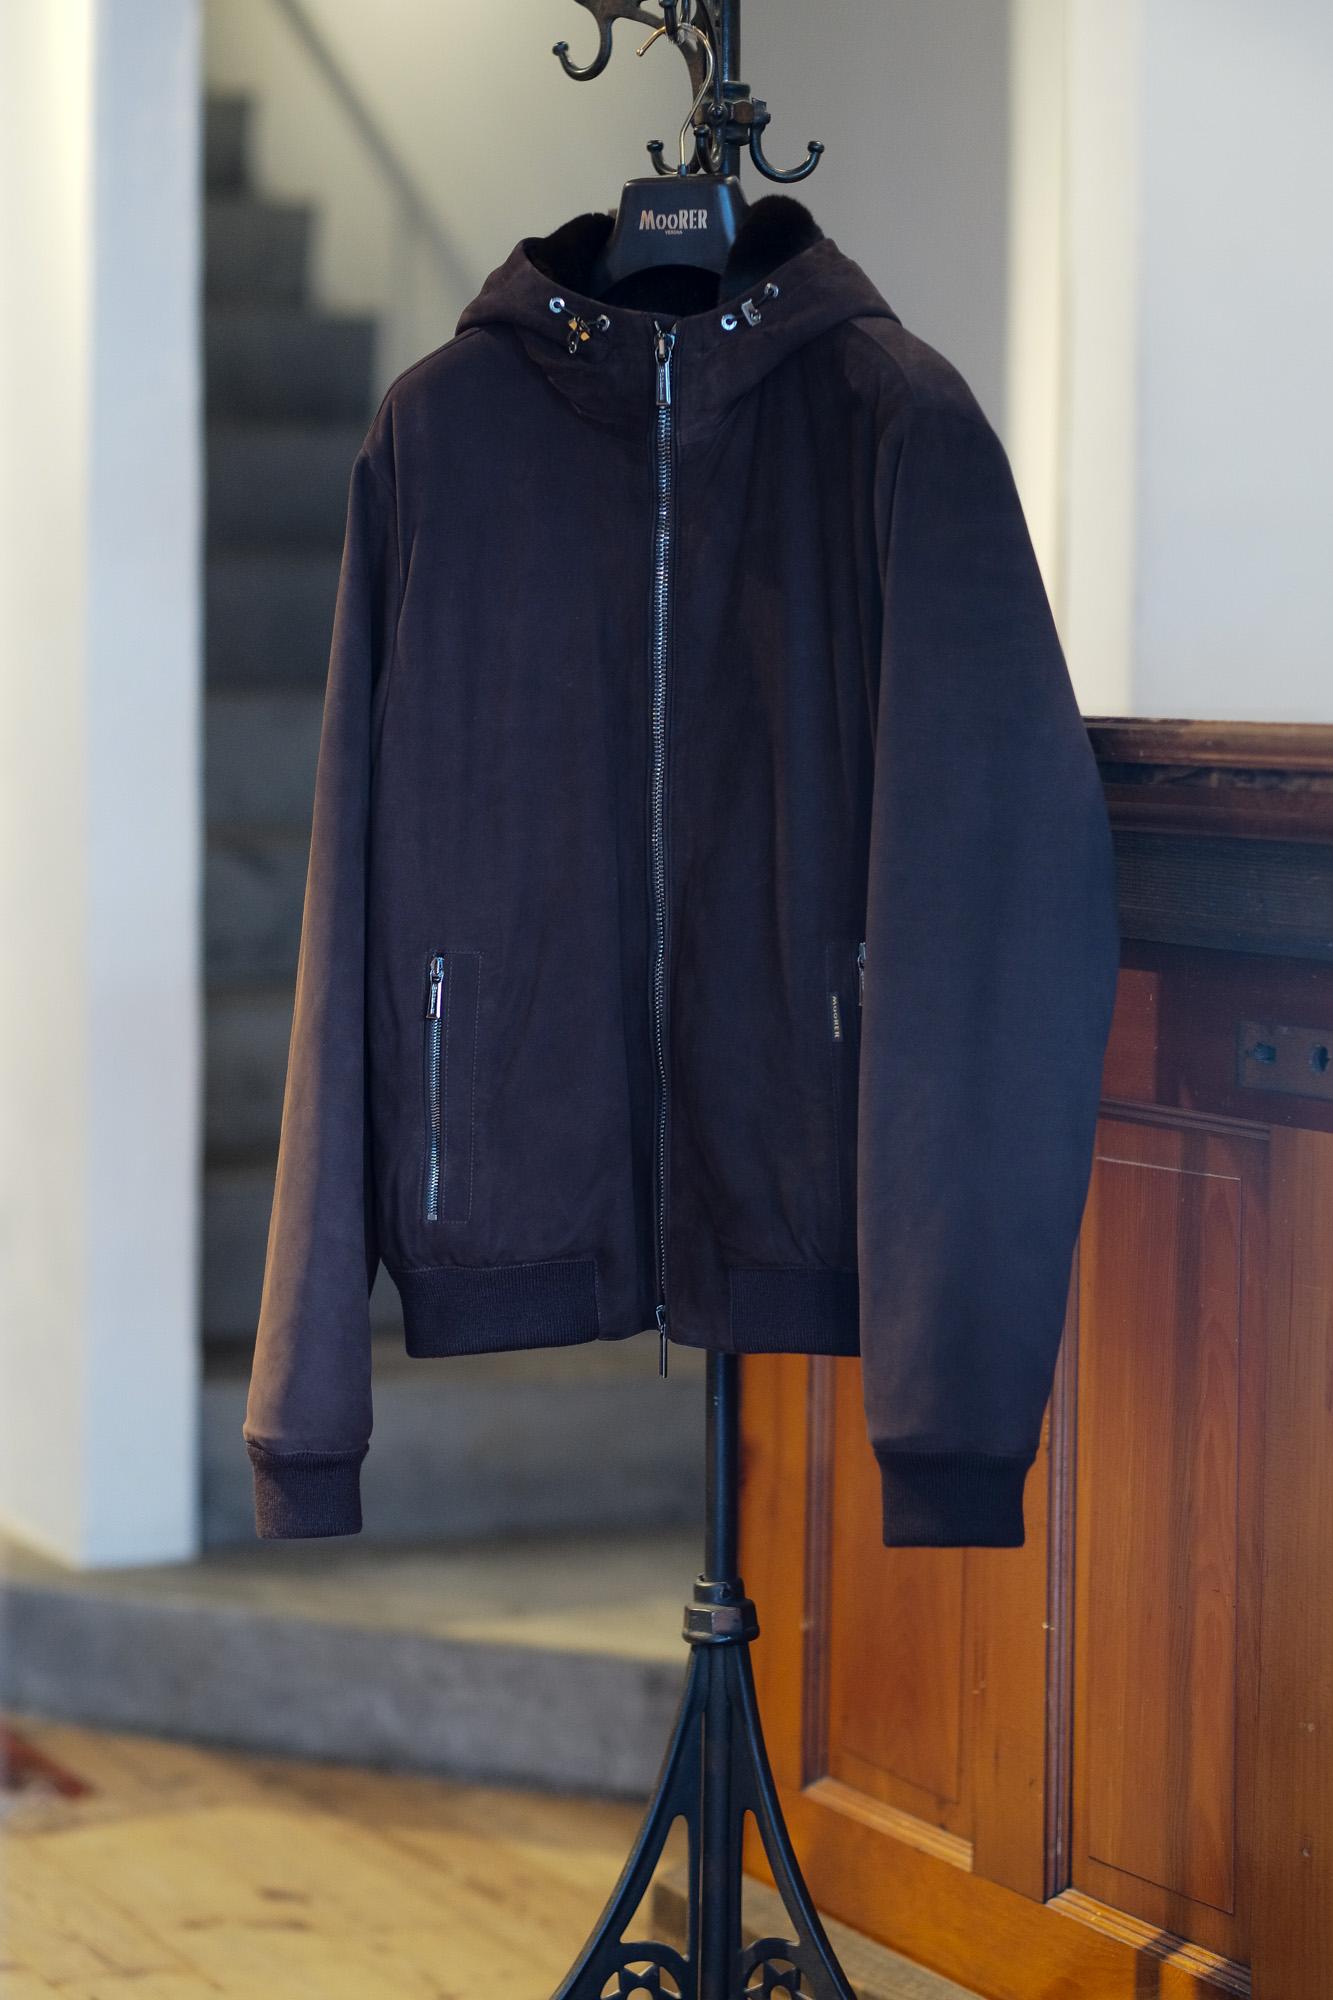 """MOORER """"ONIRO-FUR-NK"""" Leather Down Jacket 2021AW /// SABBIA(ベージュ・03),VISONE(グレージュ・33),BEAVER(ライトブラウン・34),MORO(ブラウン・36),FOREST(オリーブ・55),BLUE(ネイビー・76),NERO(ブラック・08) 【2021 秋冬 受注会開催 2020.12.14(Mon)~2020.12.26(Sat)】 愛知 名古屋 Alto e Dirtto altoediritto アルトエデリット ムーレー ダウンジャケット BRET ONIRO FANTONI BOLGI BOND FAYER HELSINKI HARRIS BARBIERI SIRO MORRIS ダウンコート ダウンベスト ダウン"""